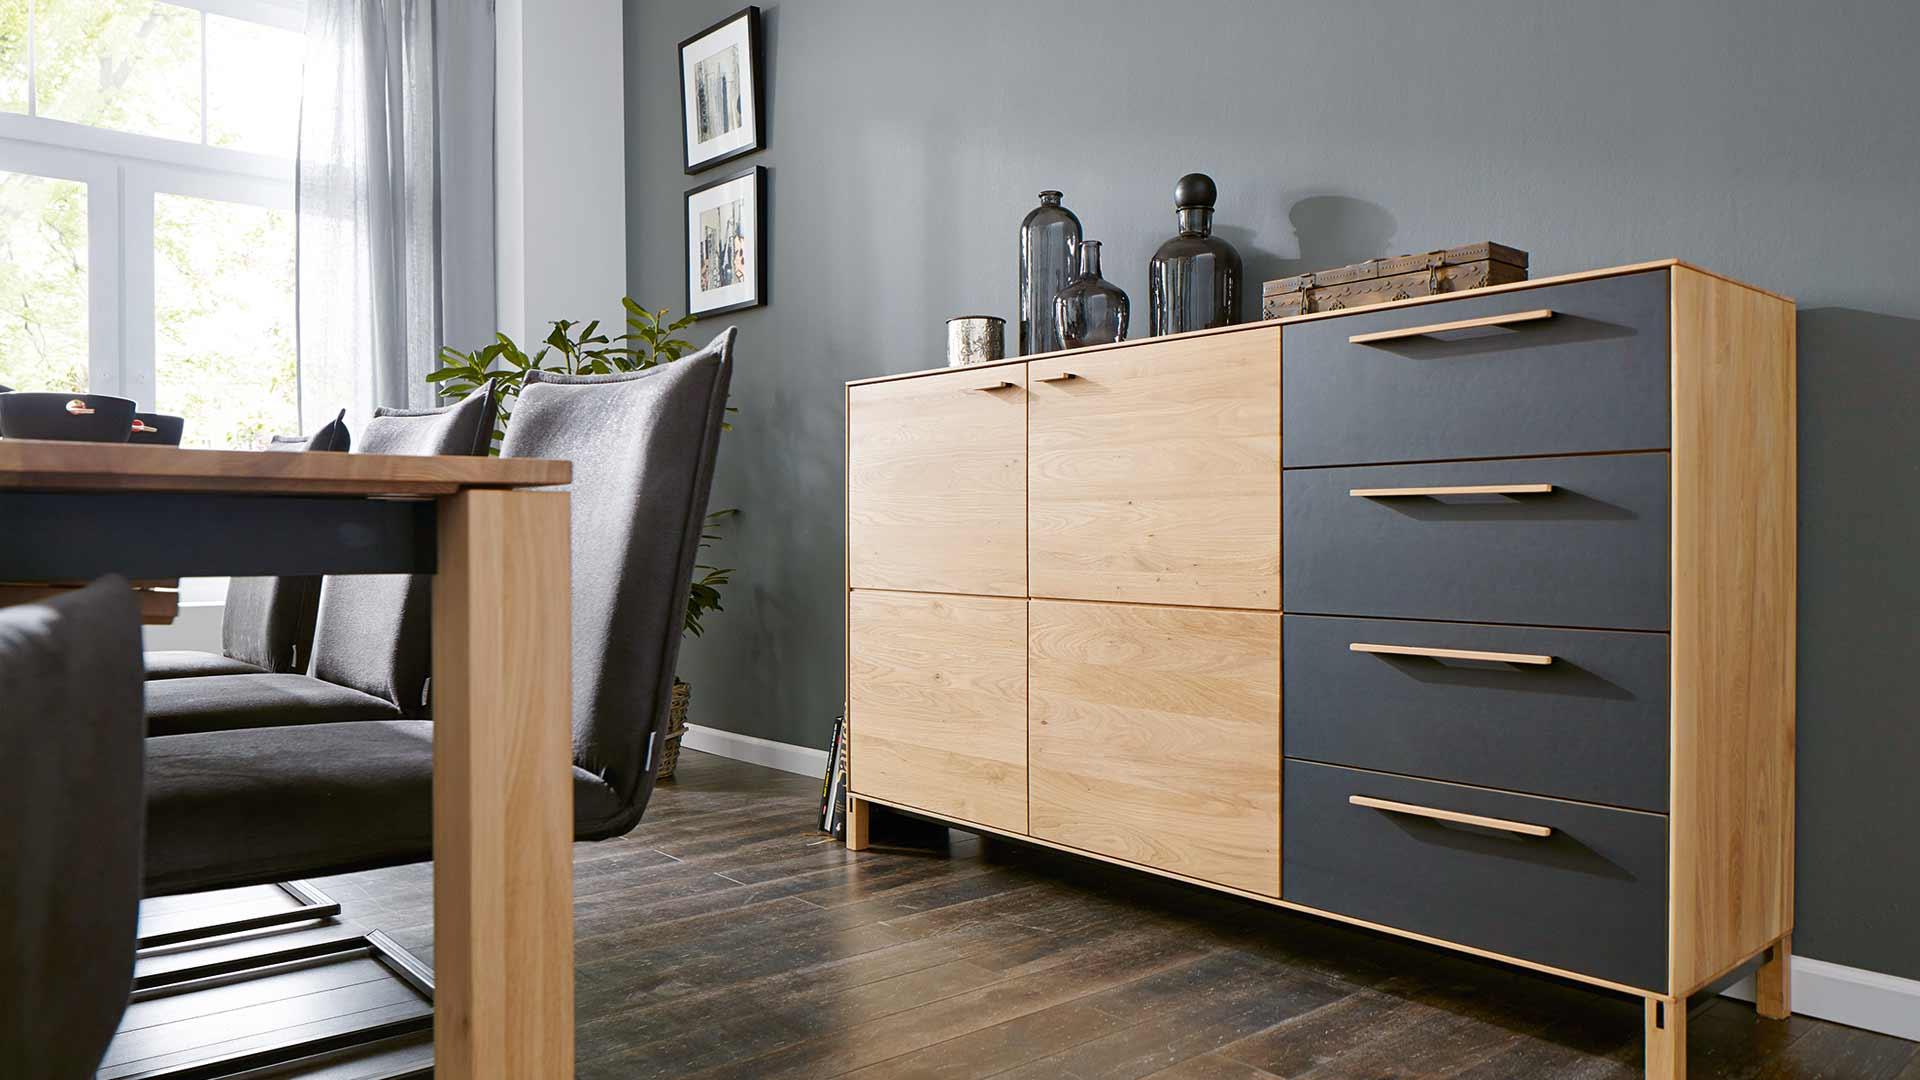 m belhaus in der n he. Black Bedroom Furniture Sets. Home Design Ideas